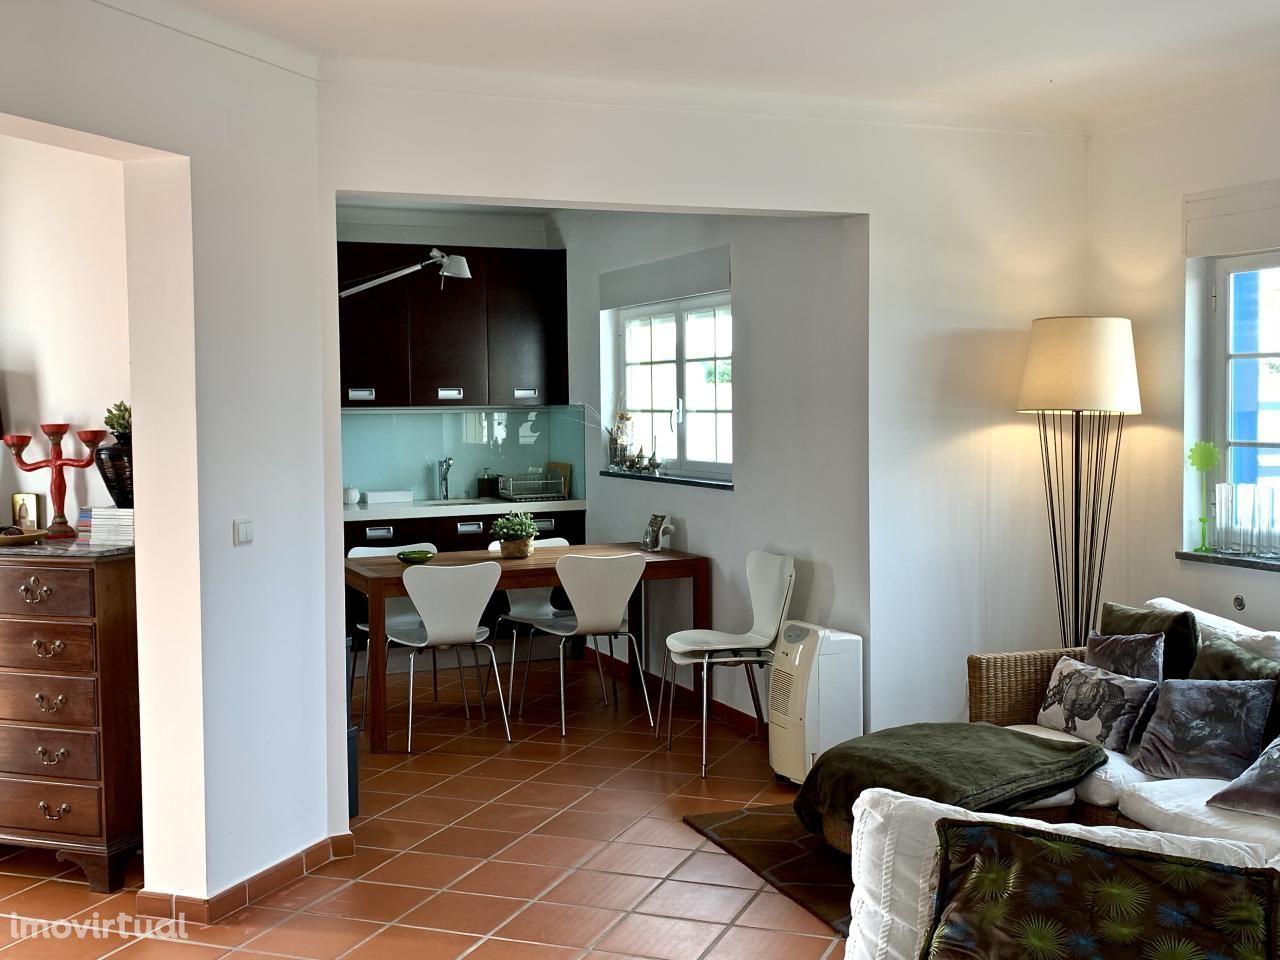 Apartamento para comprar, Amoreira, Óbidos, Leiria - Foto 6